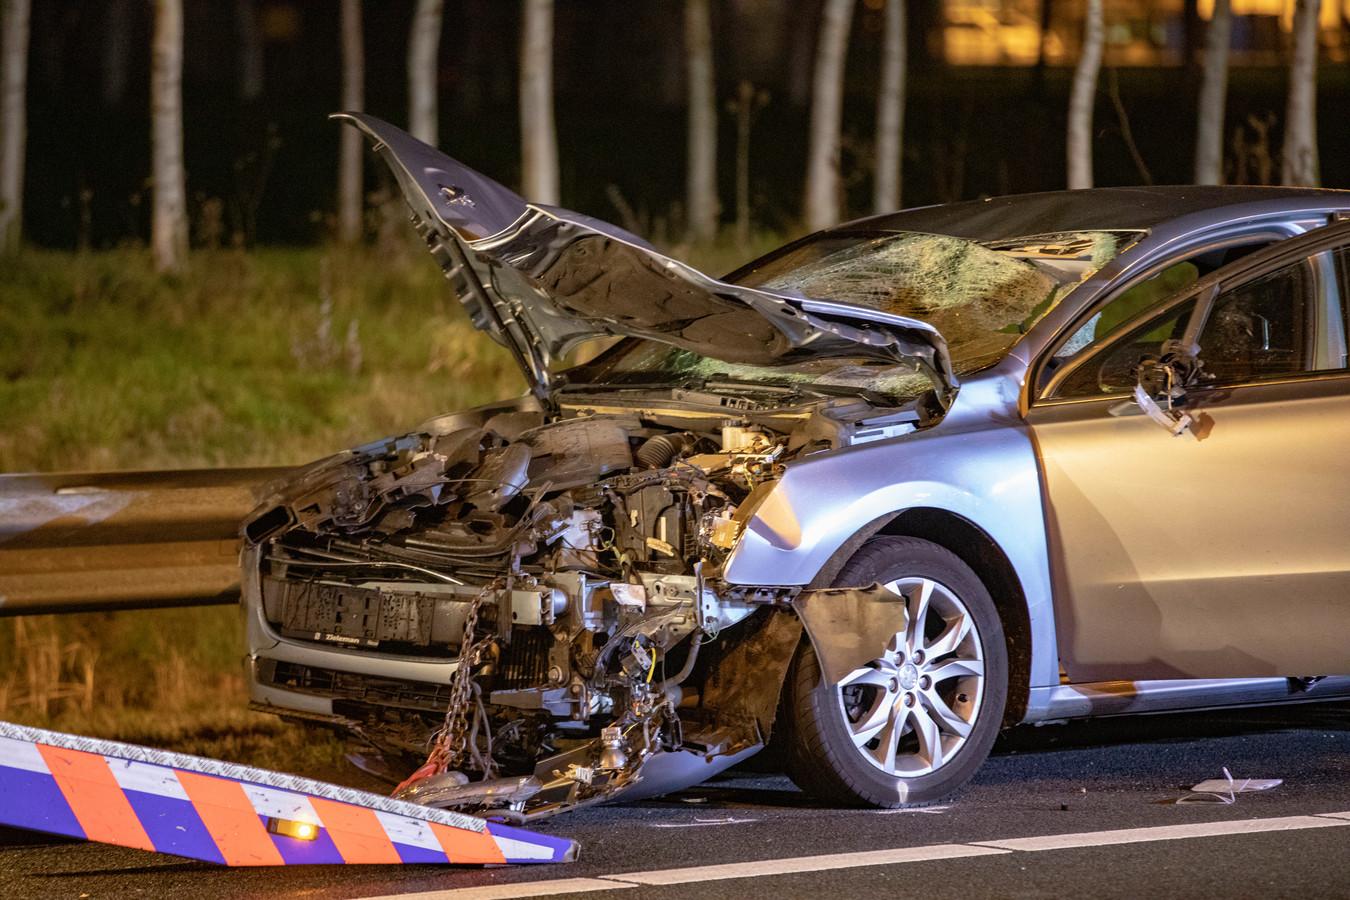 Een taxichauffeur uit Bergen op Zoom die via Uber werkte reed een vader en zijn dochter aan op de A9. Zij overleden ter plekke.